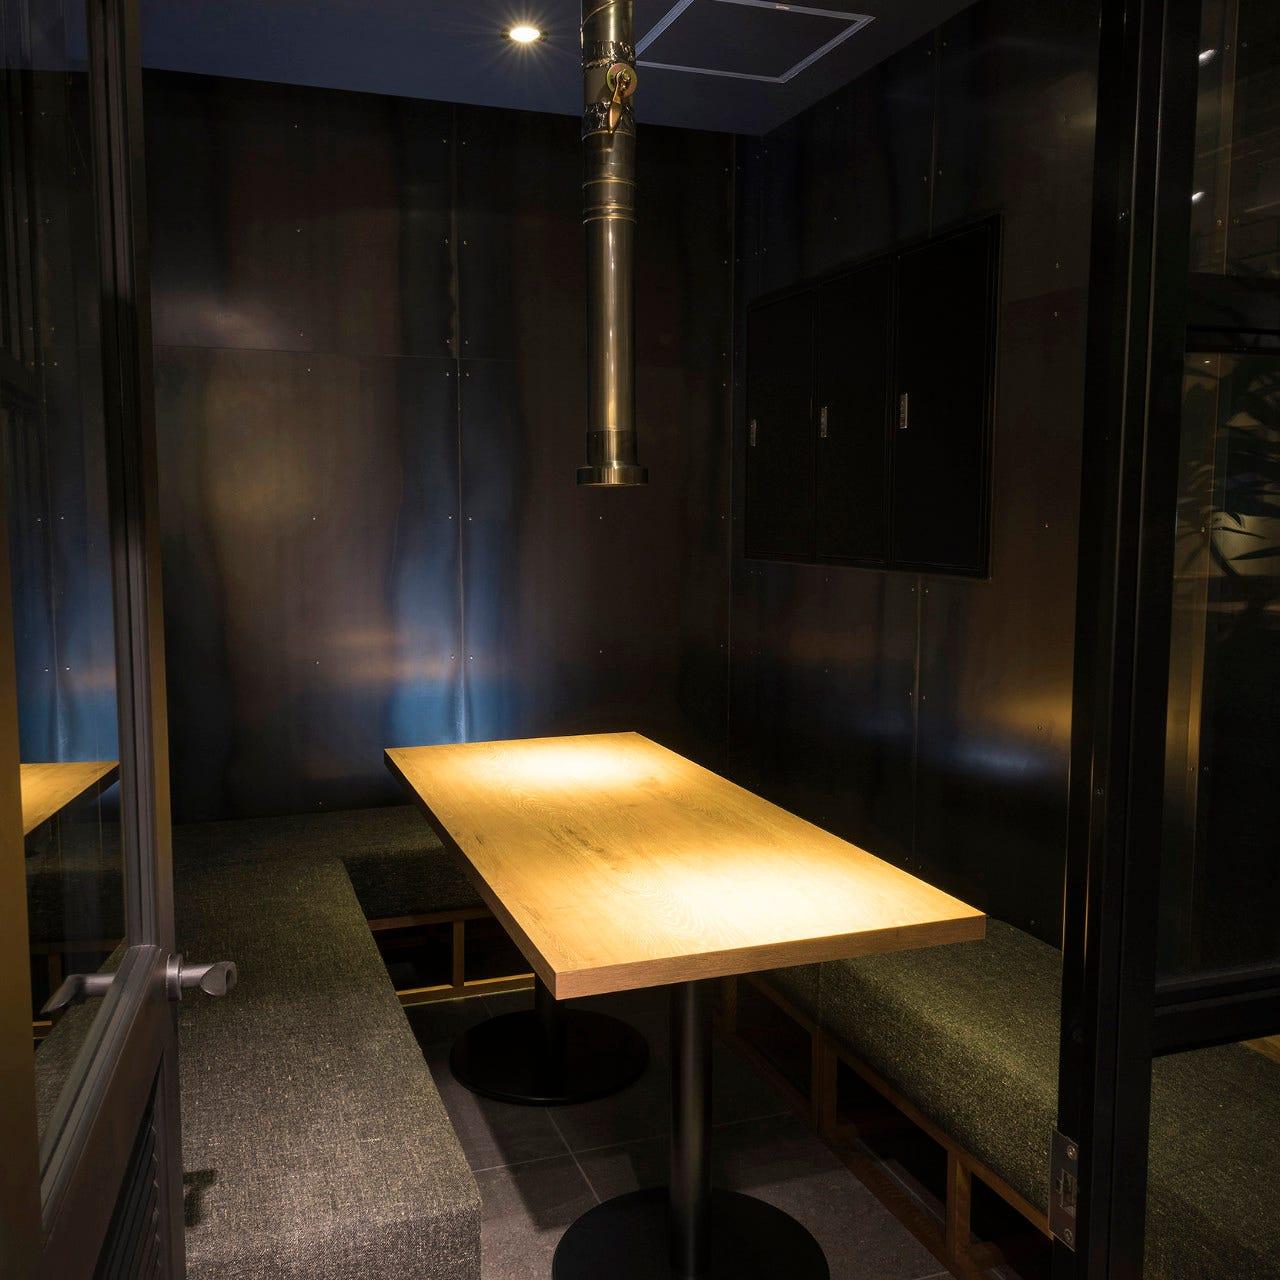 ソファー席・完全個室(壁・扉あり)・4名様~8名様